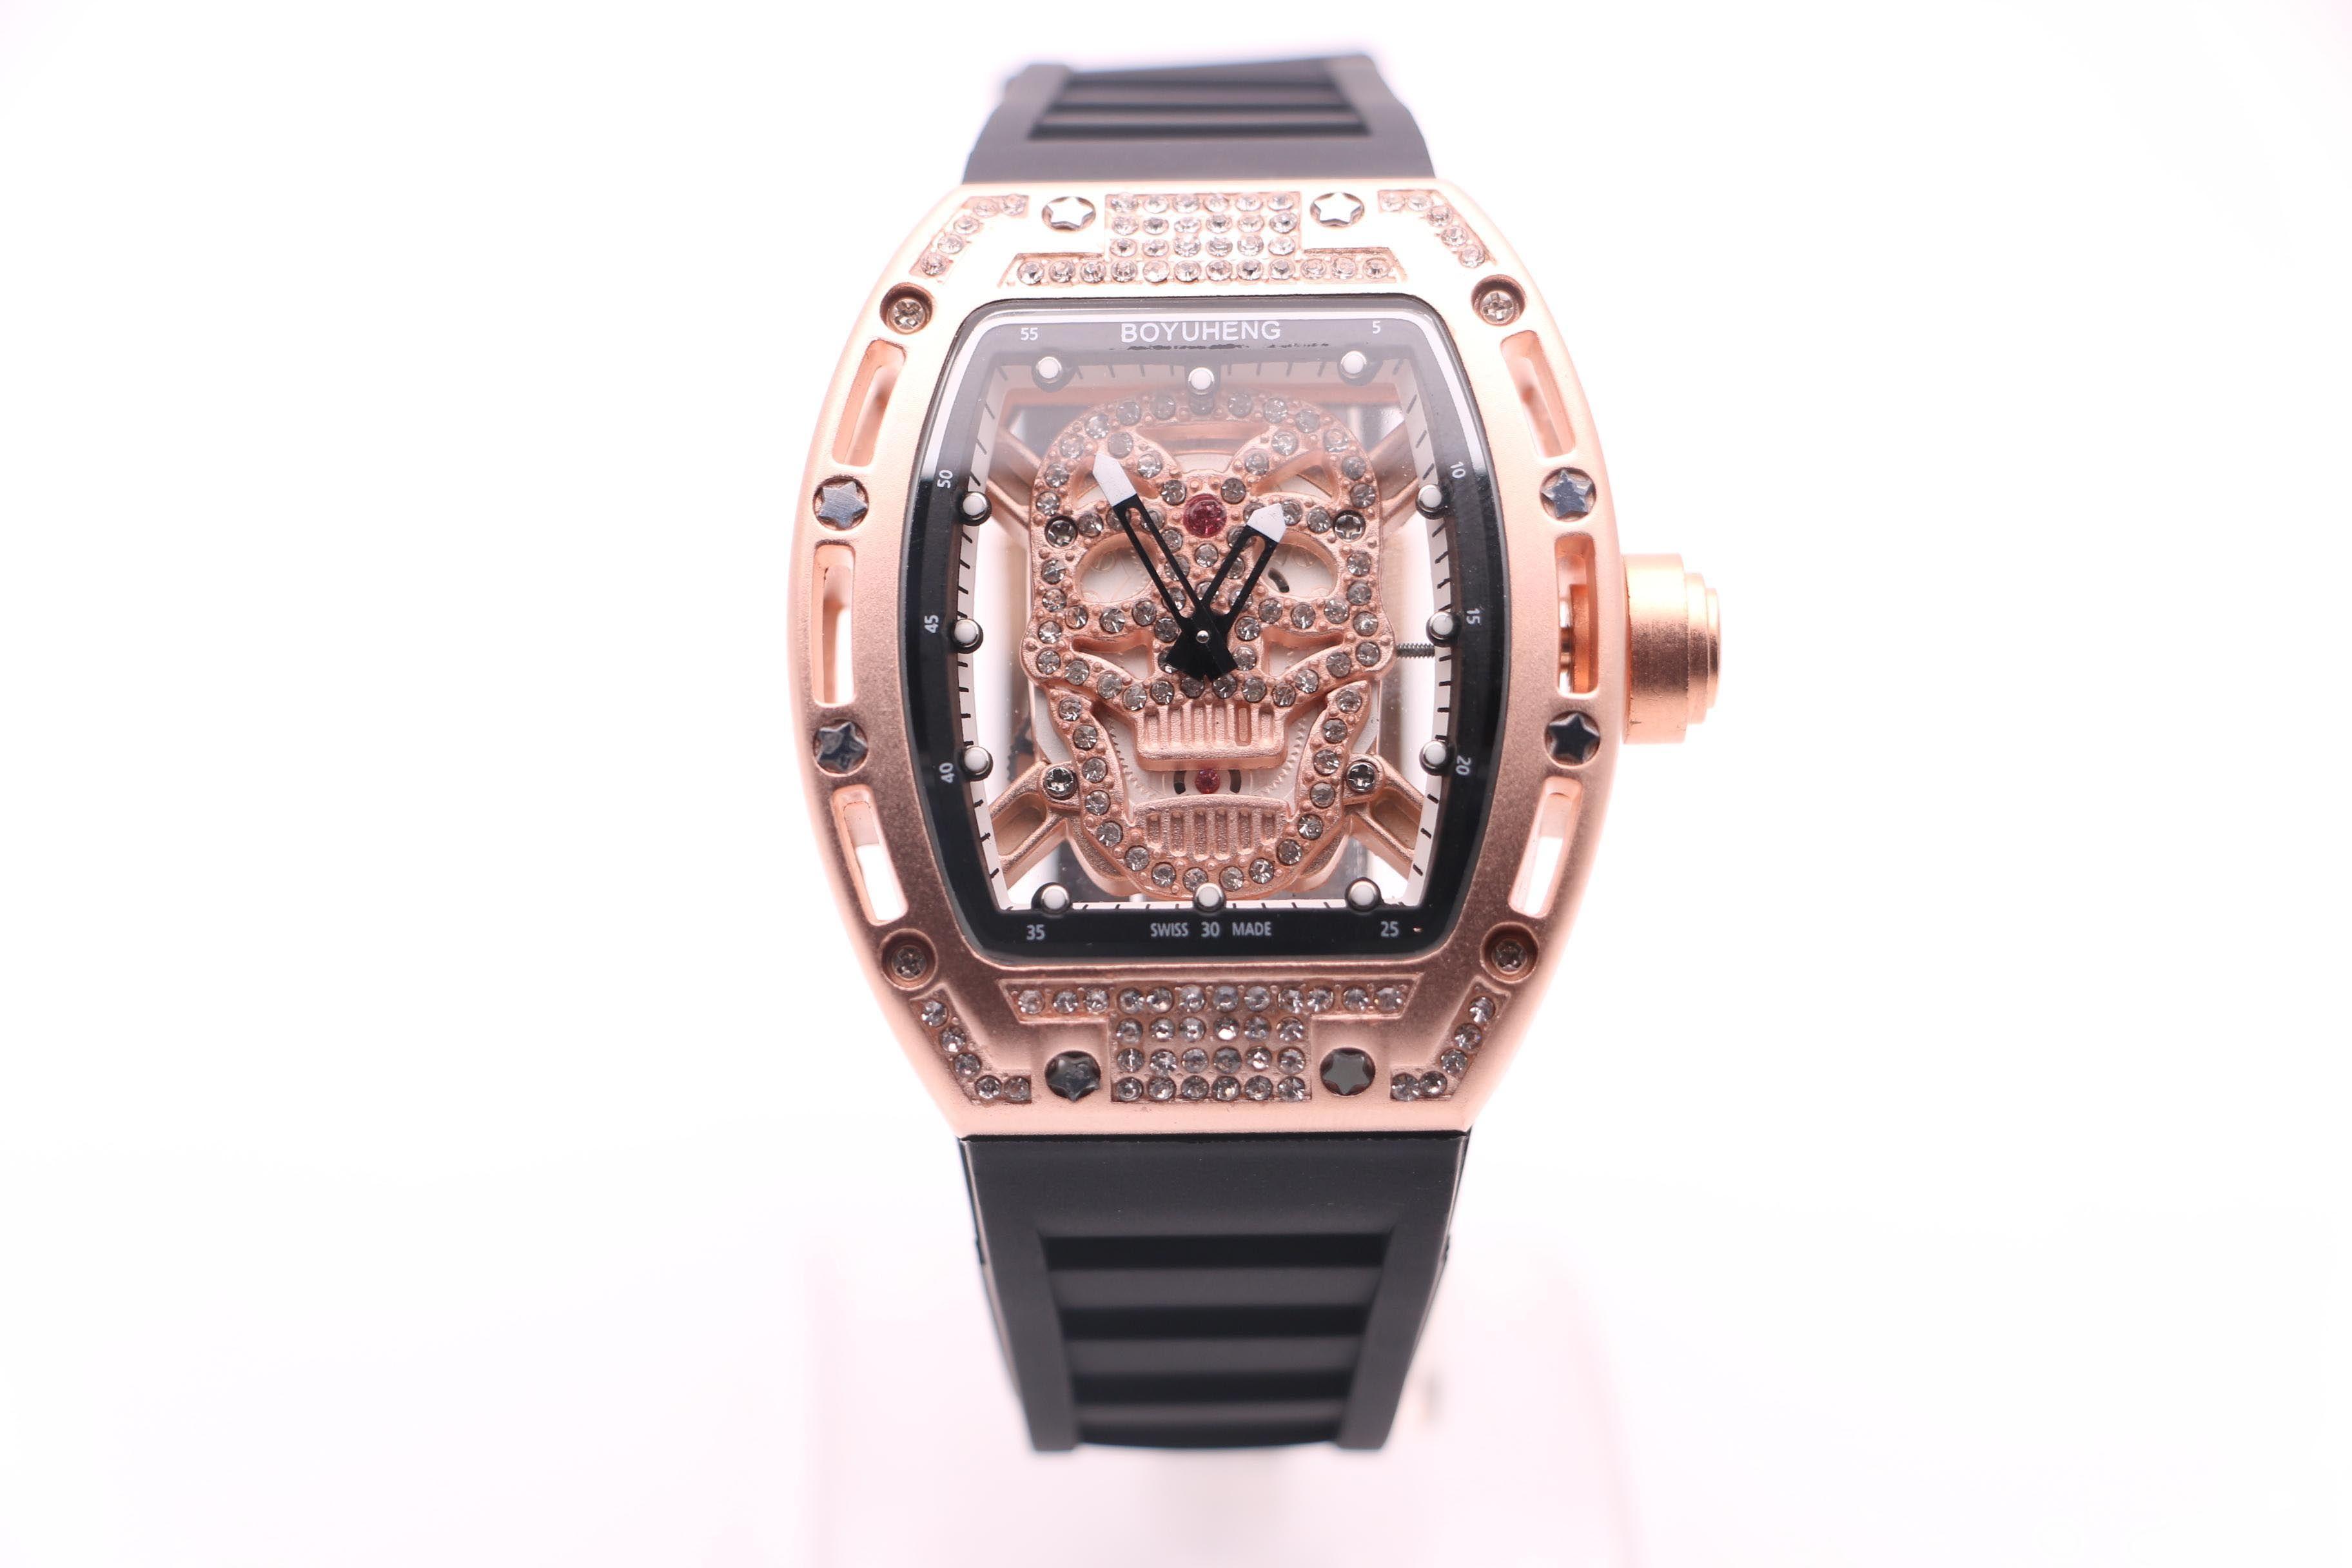 Relógio do homem de alta qualidade relógio legal de ouro do crânio dial diamante marrom do homem de borracha marrom Círculo de ouro caso de aço relógio de quartzo de diamante